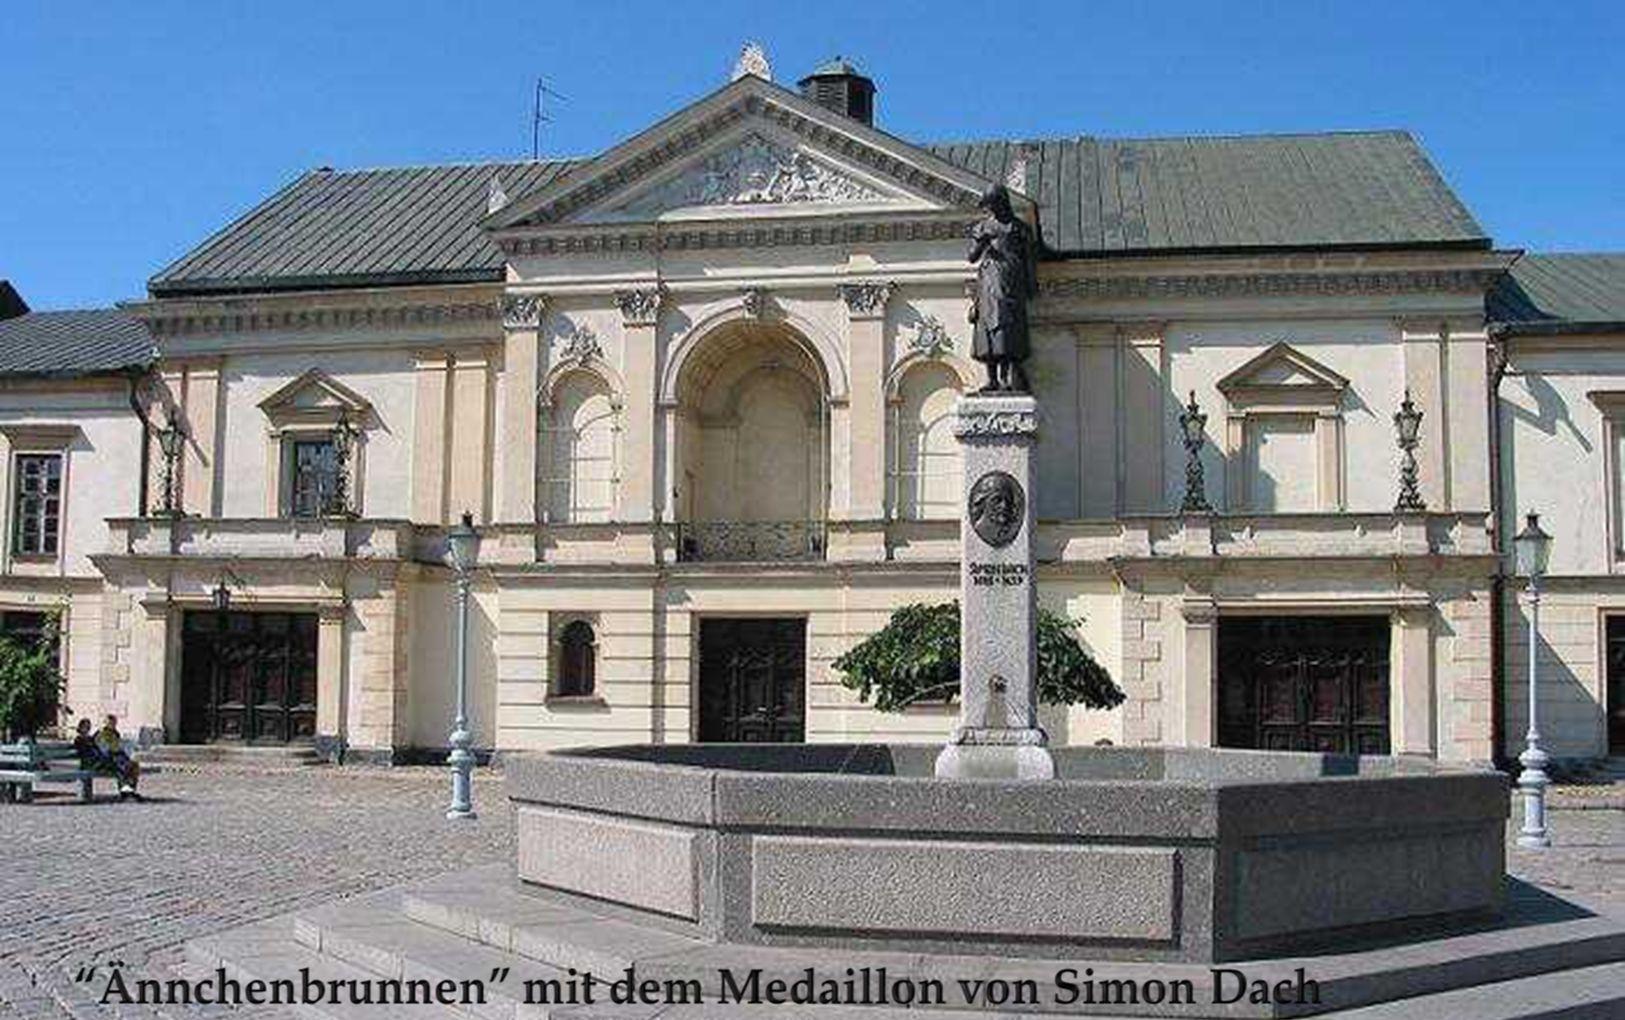 Der Ännchenbrunnen mit dem Medaillon von Simon Dach, dem grossen Sohn der Stadt.